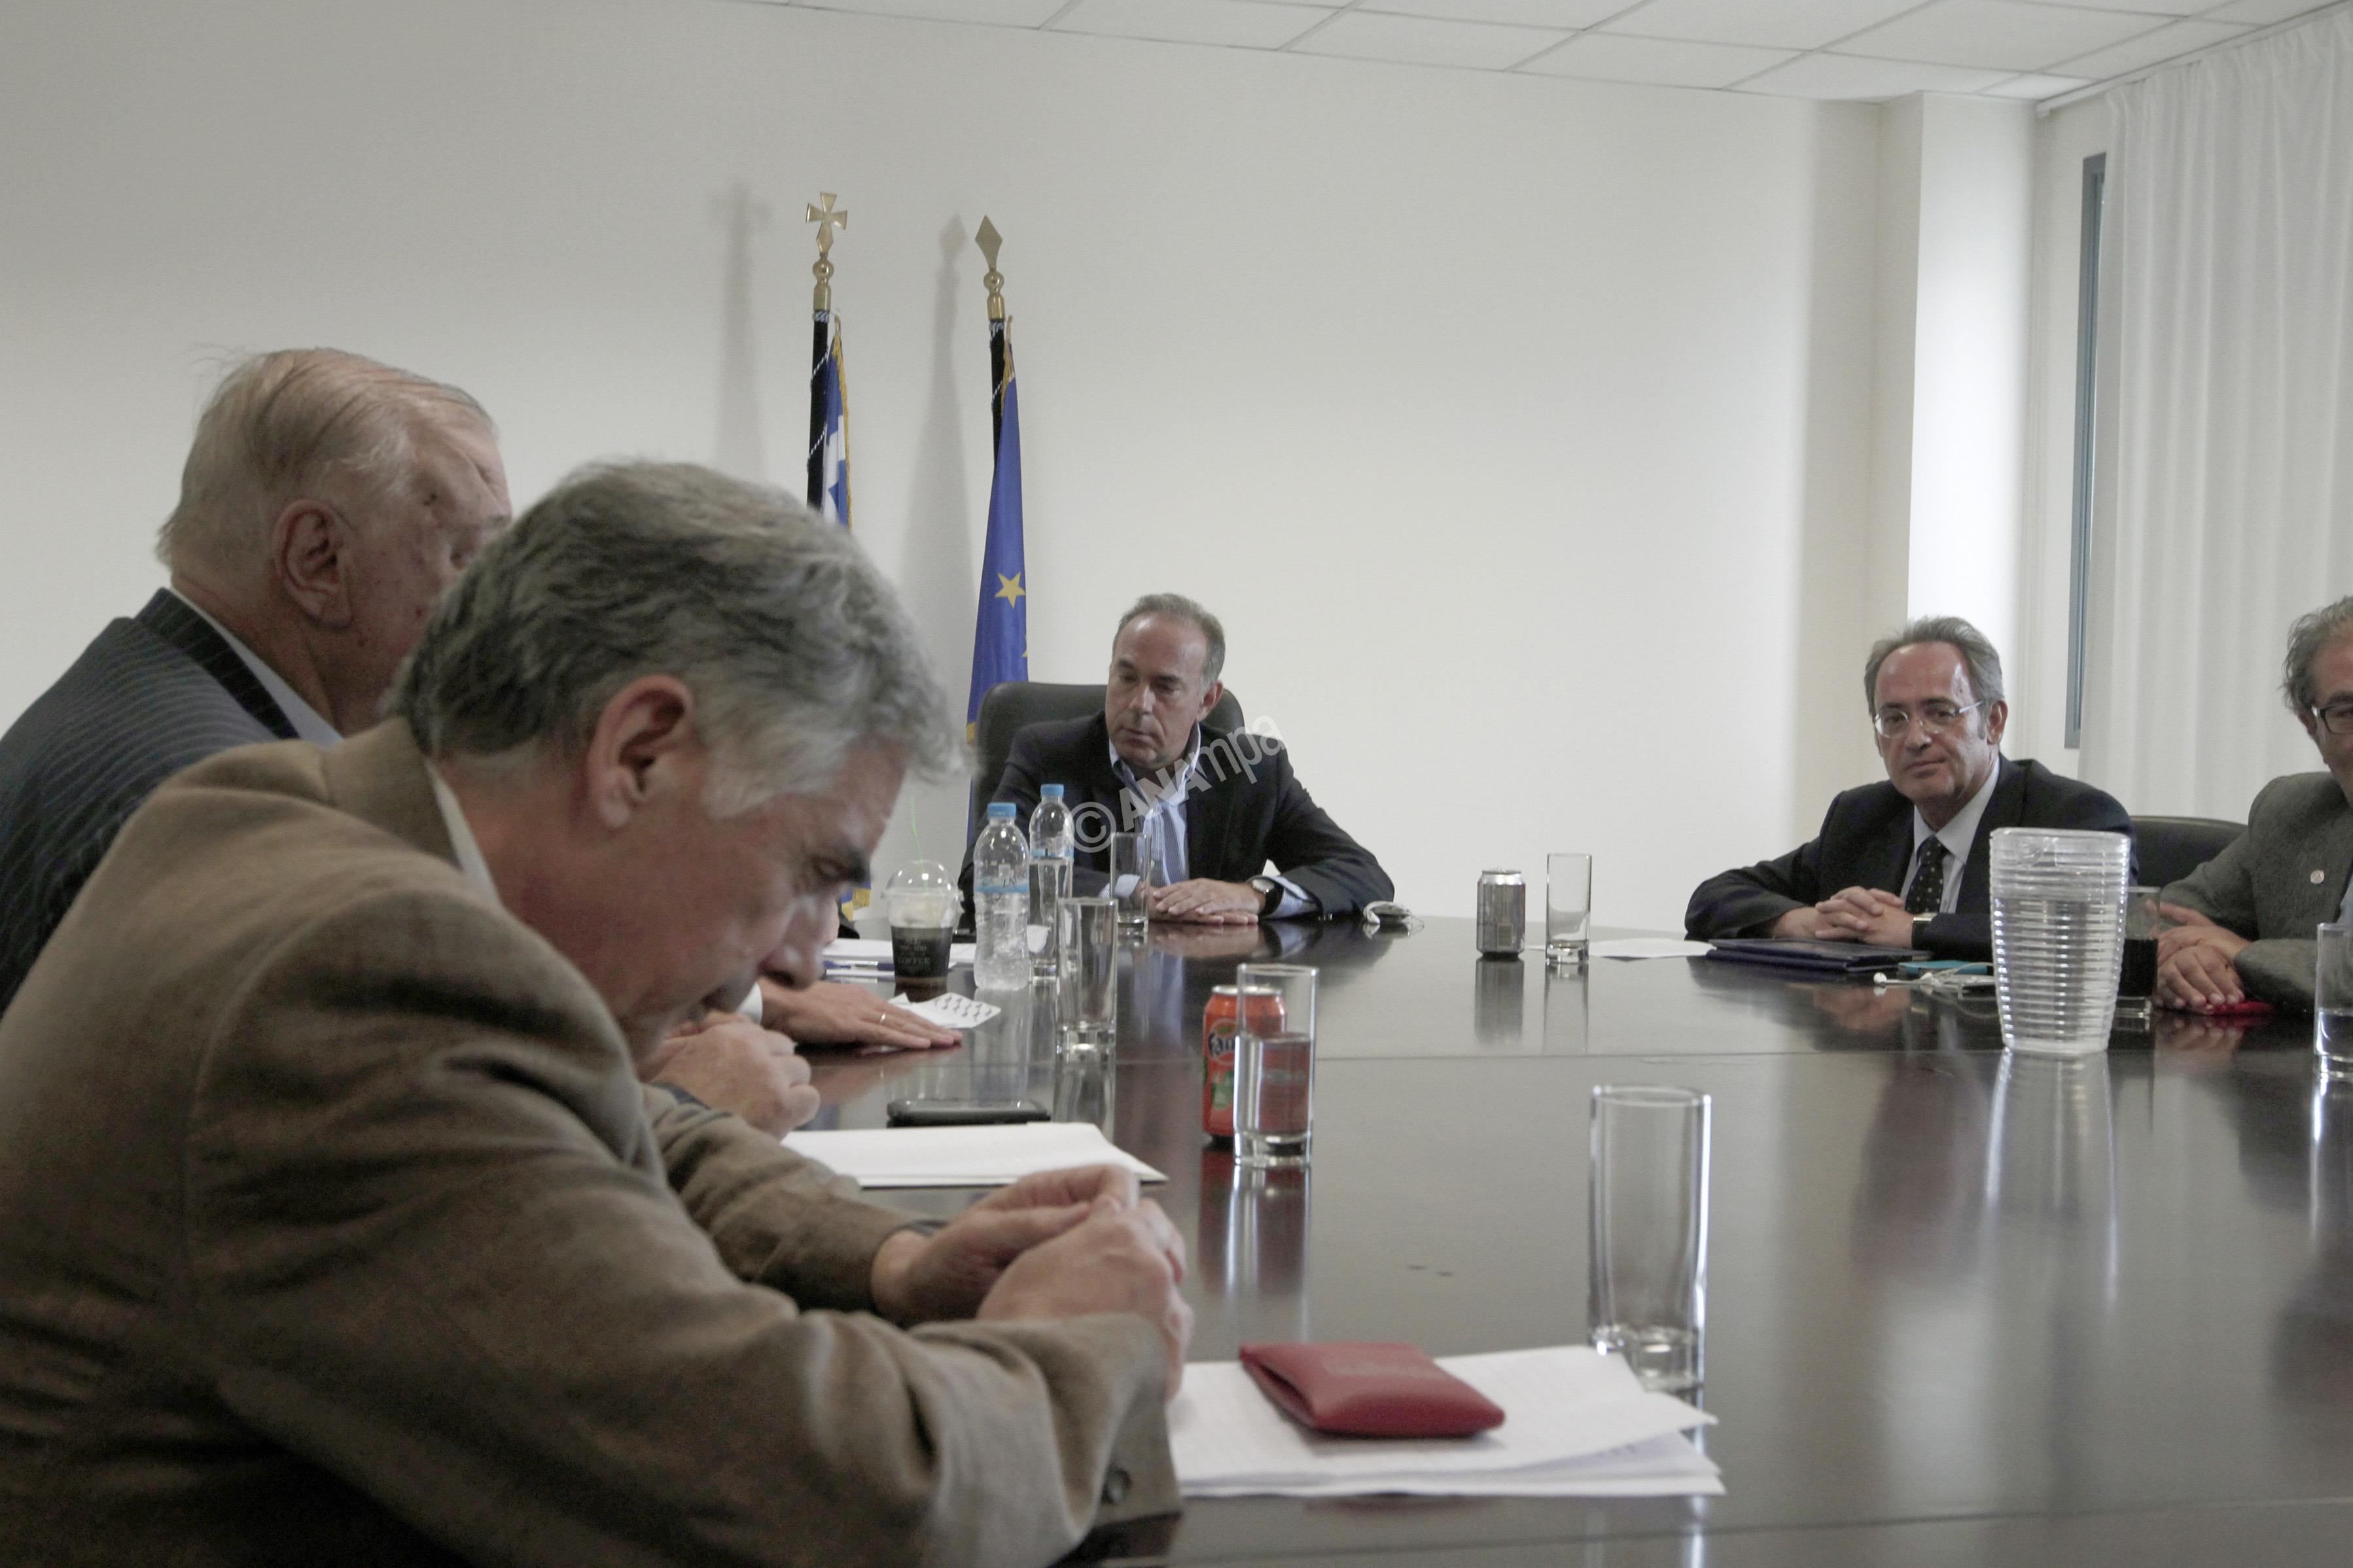 Ο  υπουργός Παιδείας Κωνσταντίνος Αρβανιτόπουλος (Κ) συναντήθηκε  με τους πρυτάνεις , την  Παρασκευή 13 Σεπτεμβρίου 2013, στο  Υπουργείο. ΑΠΕ-ΜΠΕ/ΑΠΕ-ΜΠΕ/ΑΛΚΗΣ ΚΩΝΣΤΑΝΤΙΝΙΔΗΣ